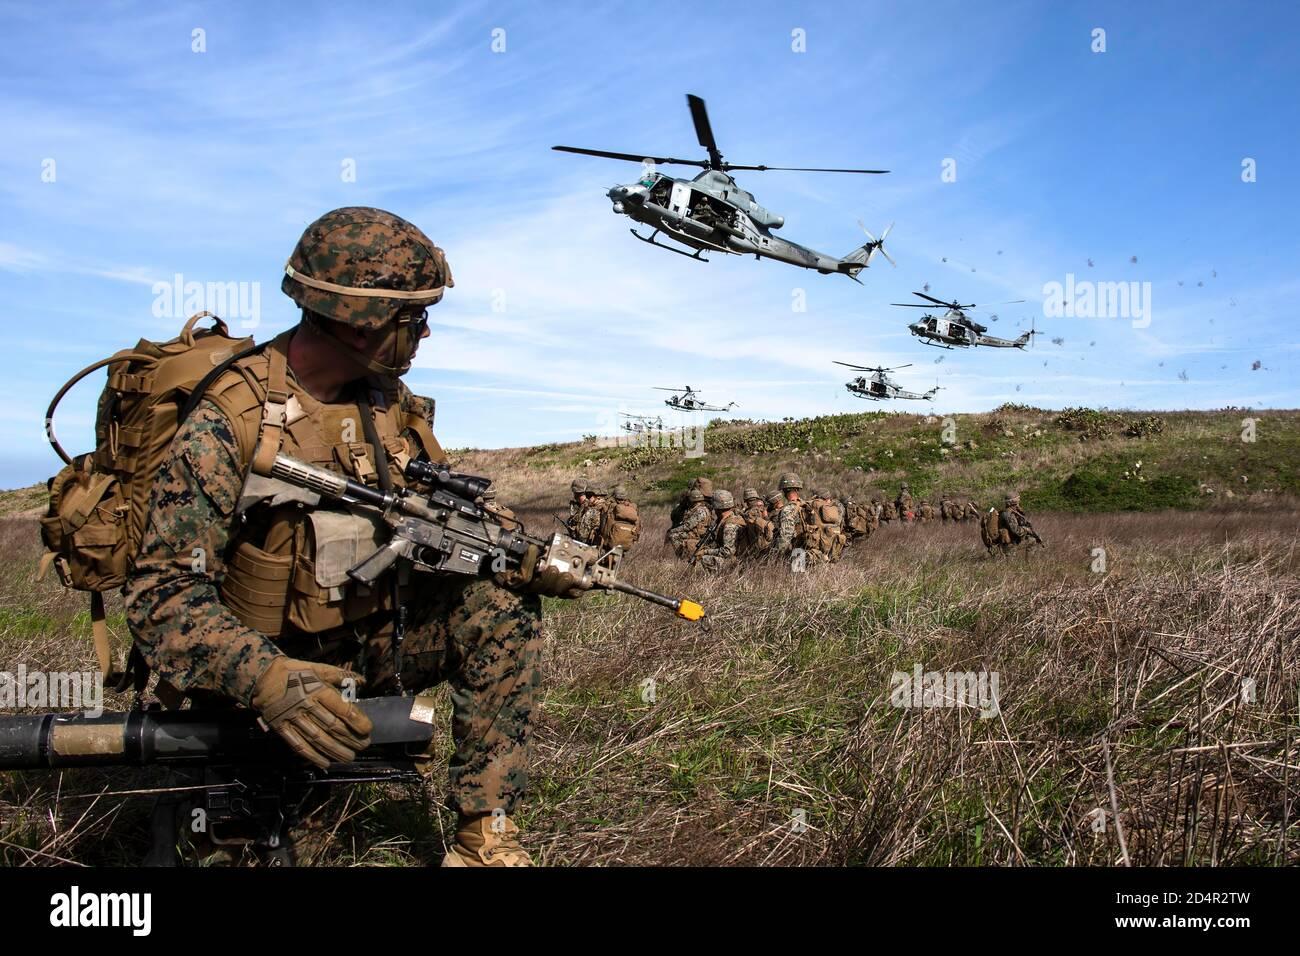 Los Marines de Estados Unidos con el Segundo Batallón, 4º Regimiento de la Infantería de Marina, la primera división de infantería de marina proporcionan seguridad para UH-1y venenos con Luz Marina 469 escuadrón de helicópteros de ataque, aviones marinos Grupo 39, 3º Marine de alas de avión, en una zona de aterrizaje durante el ejercicio veneno tormenta en la isla de San Clemente, California, el 15 de enero de 2020. Ejercicio veneno Storm demuestra la versatilidad del veneno letal en el suministro de opciones, ya sea que operen desde el mar o tierra. Es la capacidad para desplegar rápidamente desde el buque-costa, apoyar las fuerzas de tierra con su propio fuego de apoyo orgánico y estar armados y repostado en emplazamientos temporales es inigualable. El Foto de stock